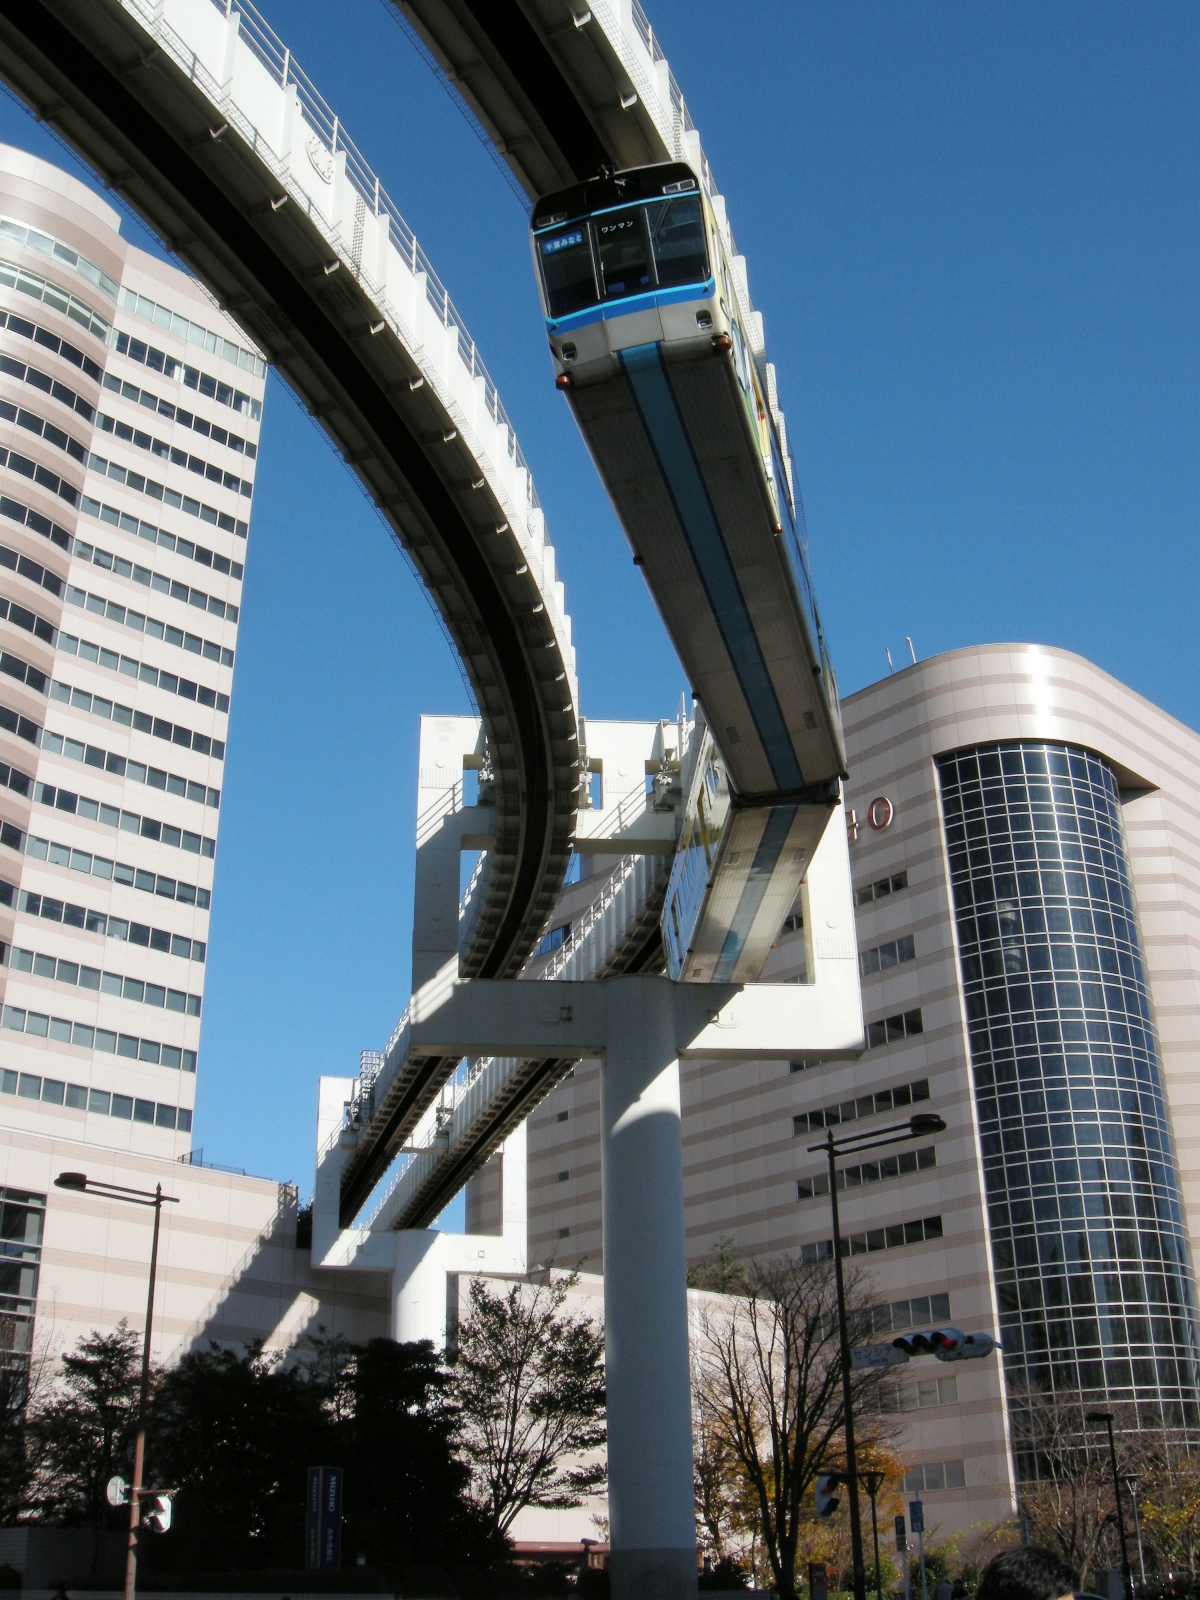 1号線千葉 - 市役所前間を走行する電車 千葉都市モノレール1号線 - Wikipedia